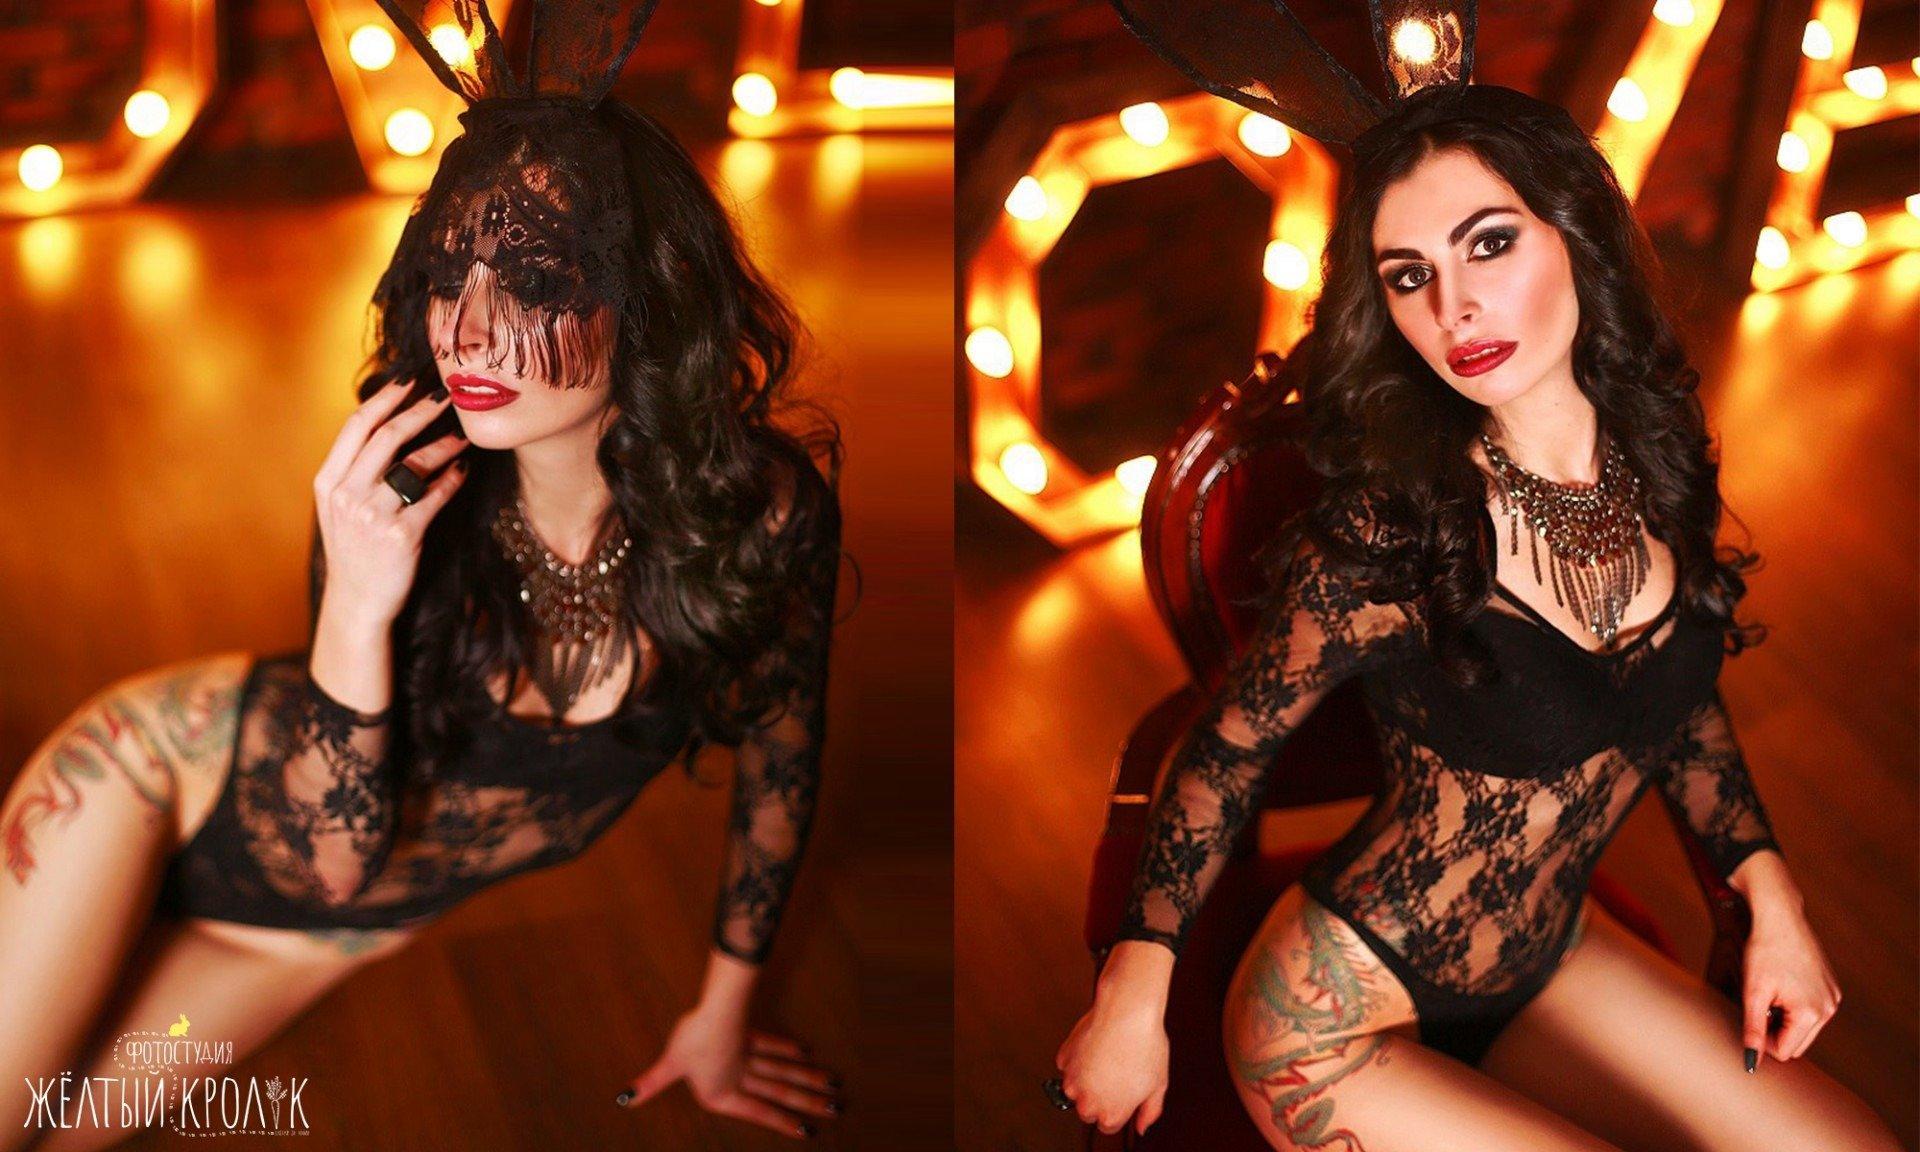 красивая модель в боди с ушами фото - фотосессия фешн в фотостудии желтый кролик